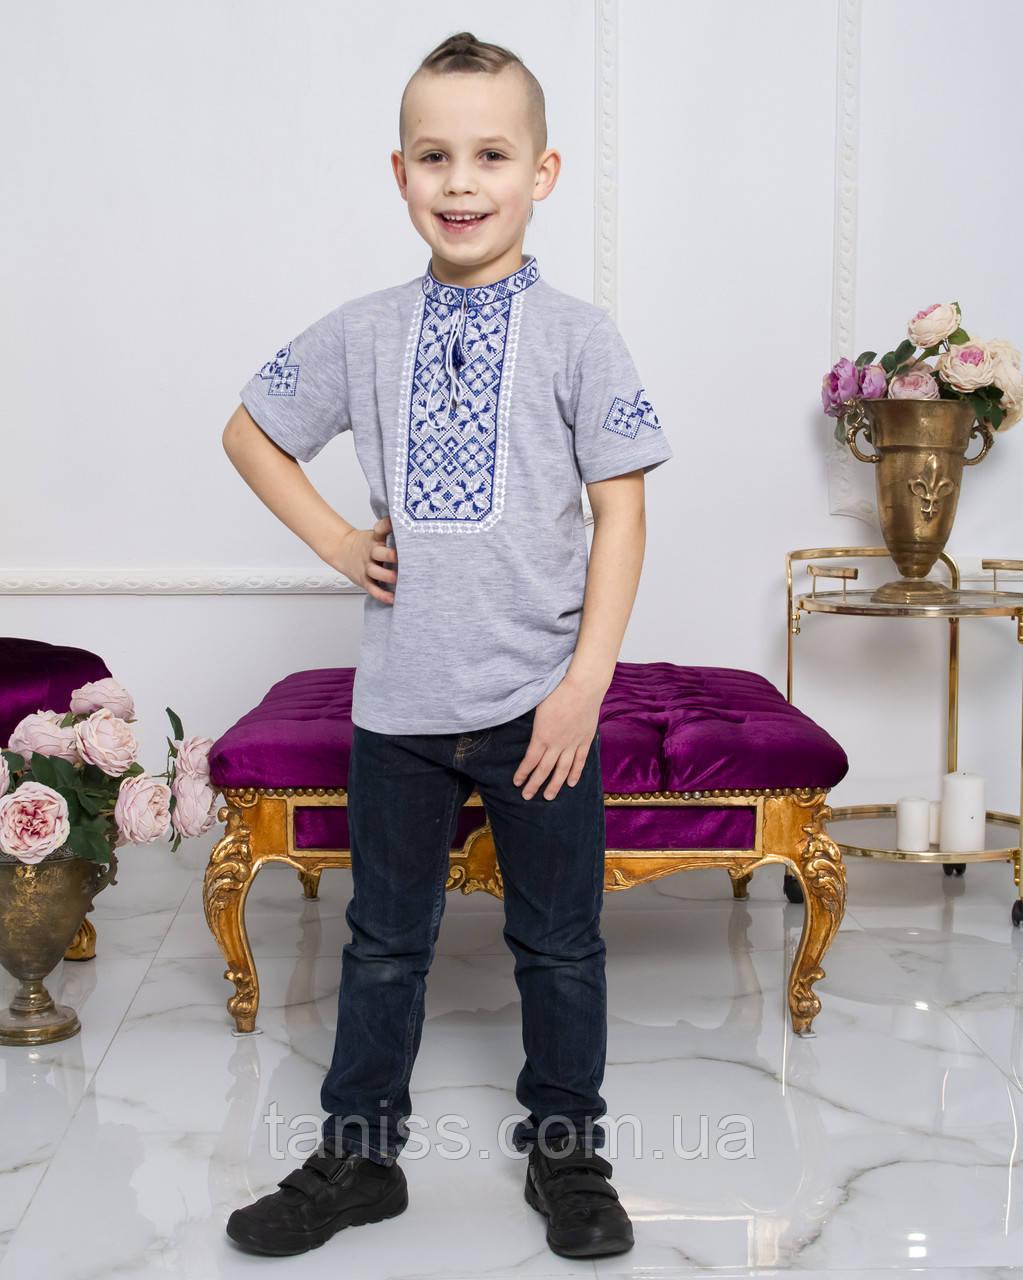 Детская вышиванка Иванко  ,ткань лакоста,р  104,110,116,122,128,134,140,146,152, серая с синим